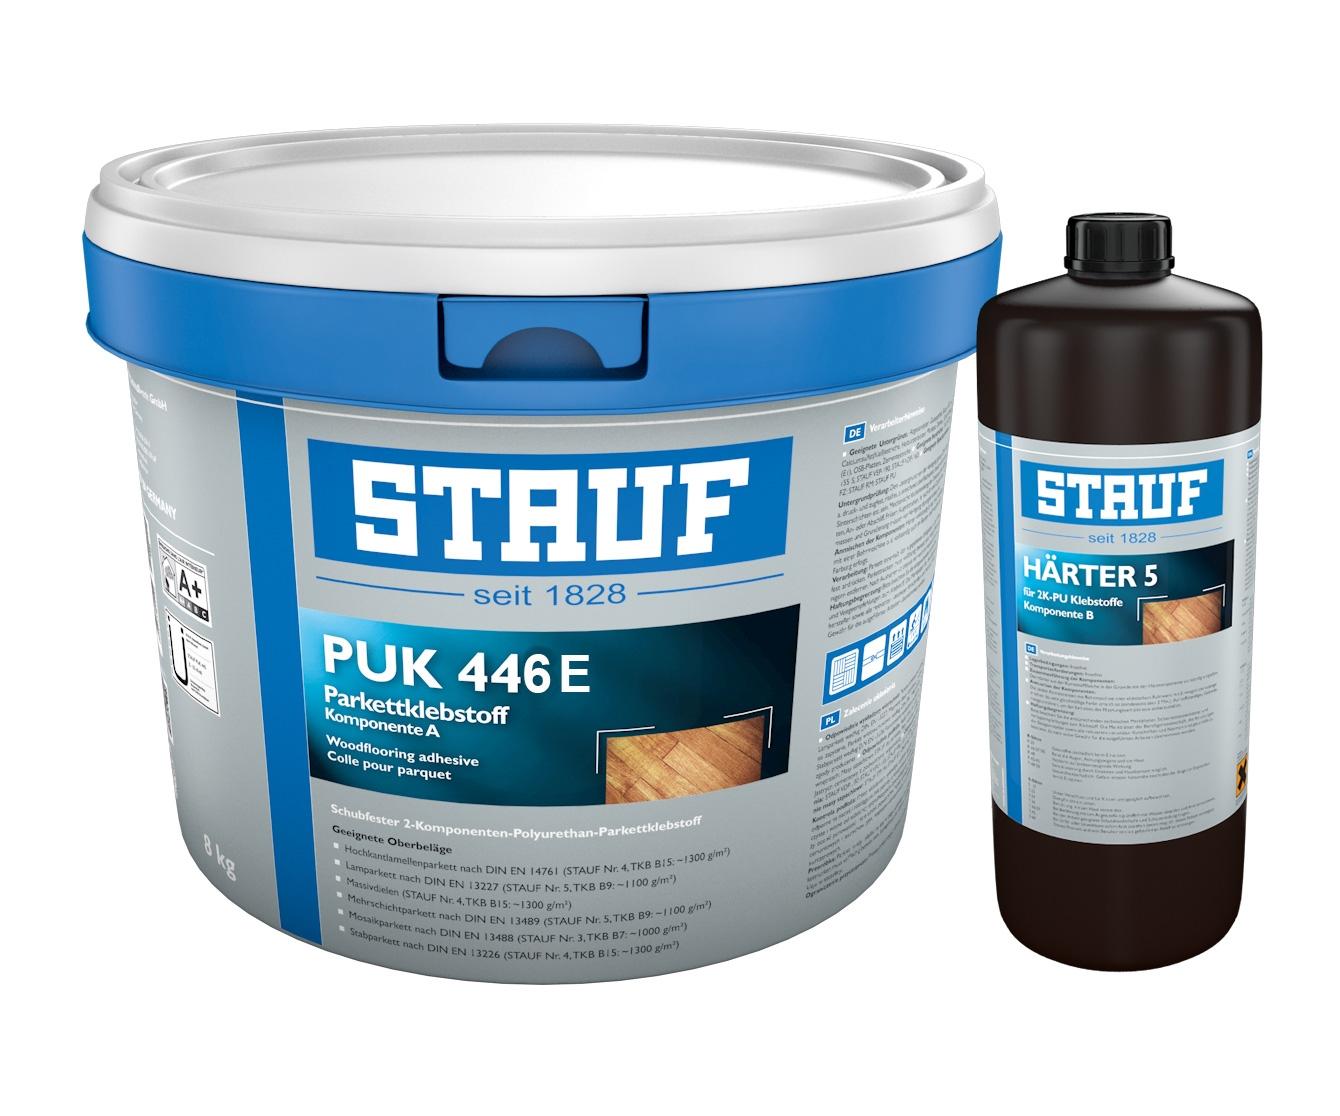 Stauf PUK-446 E 2K- dunkel eingefärbter PU-Parkettklebstoff 8,9 Kg (Nachfolger vom PUK- 445-E)